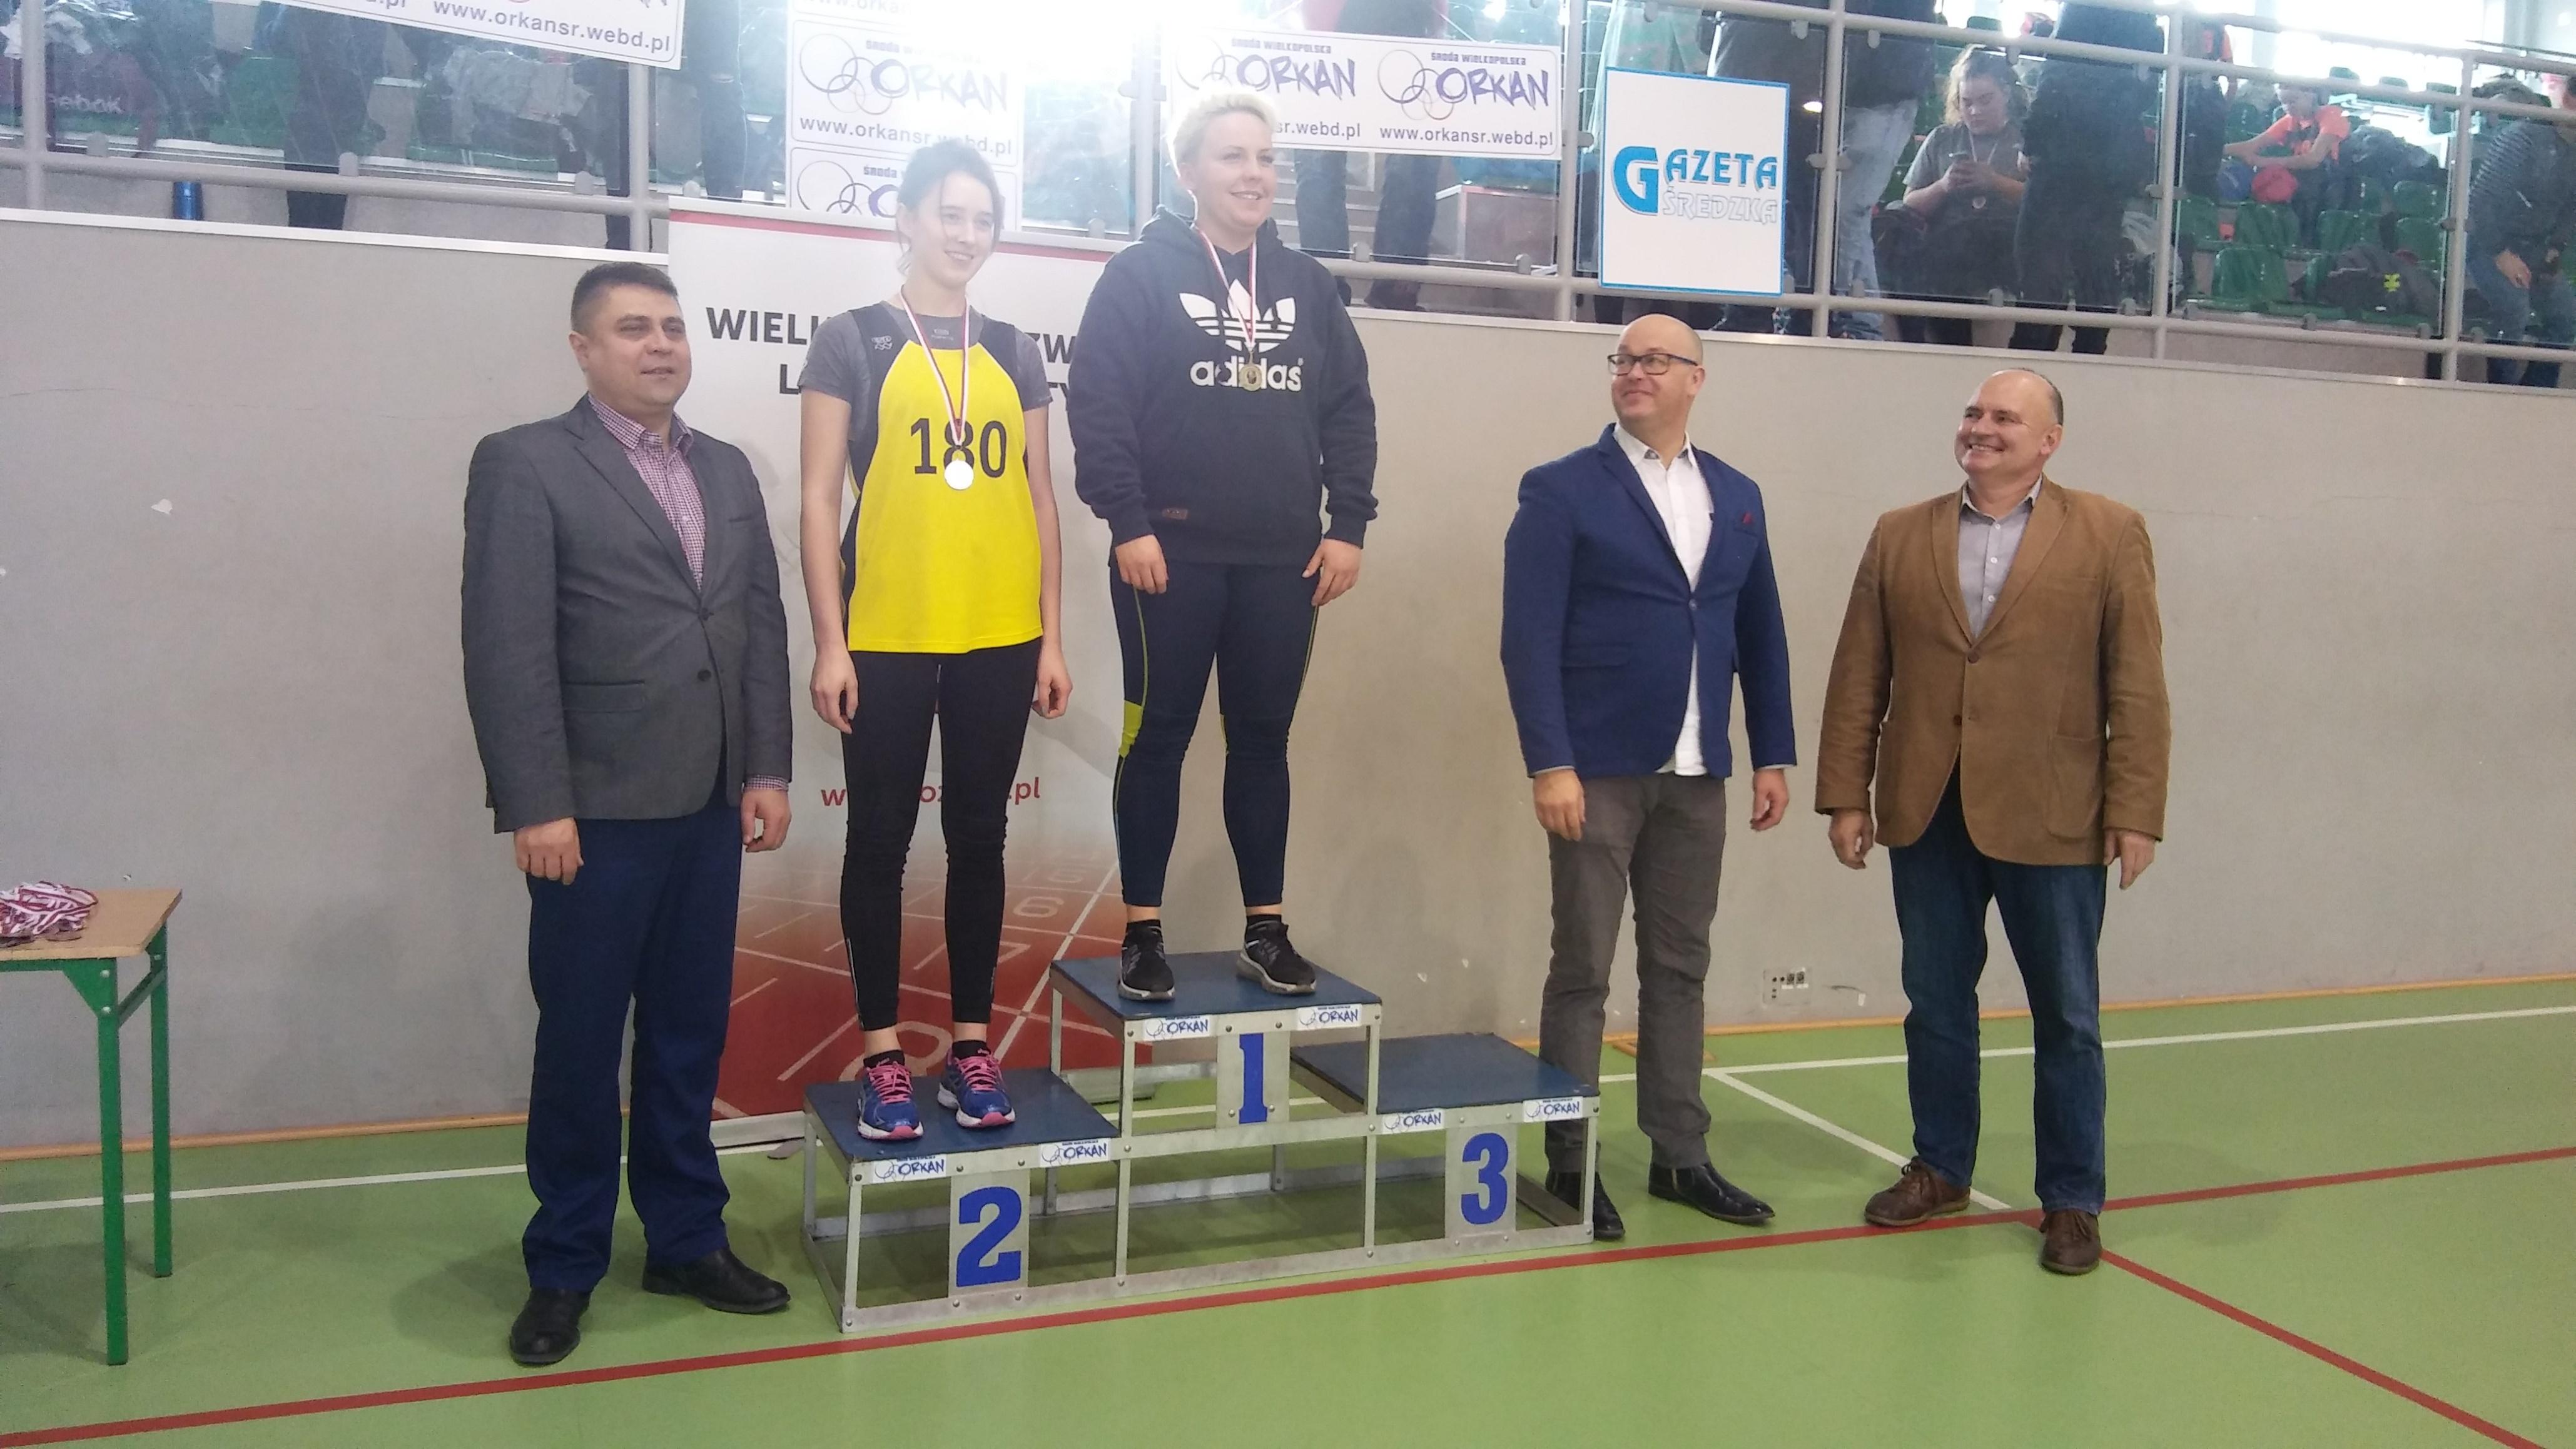 U20: 1m. Jakubowska Pamela 2m. Kuczyńska Justyna